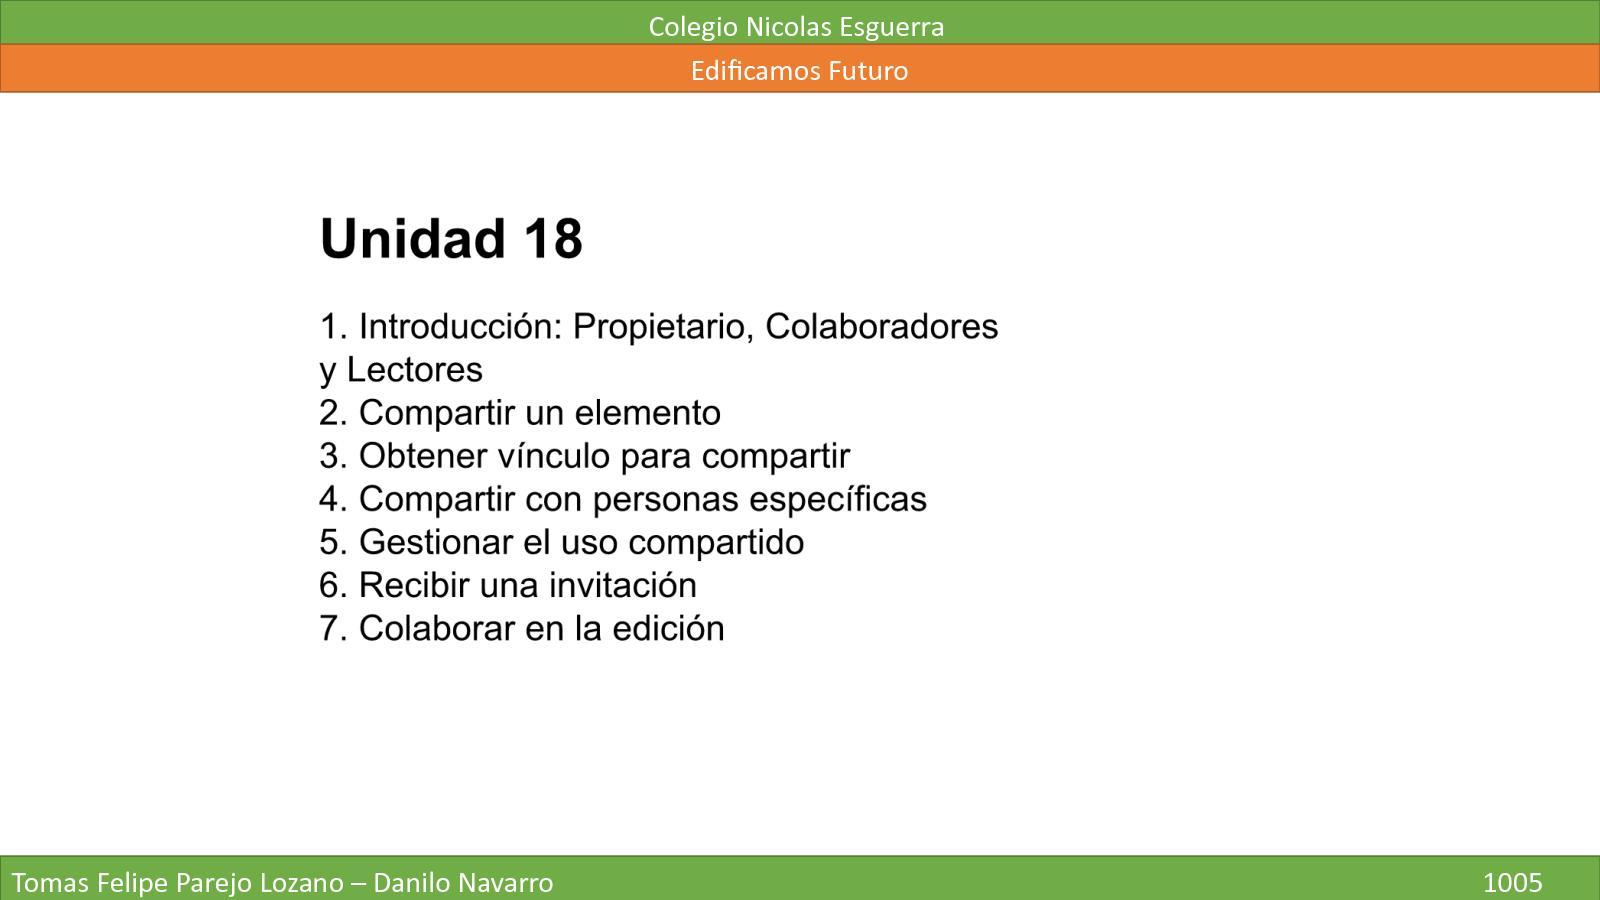 Unidad 18